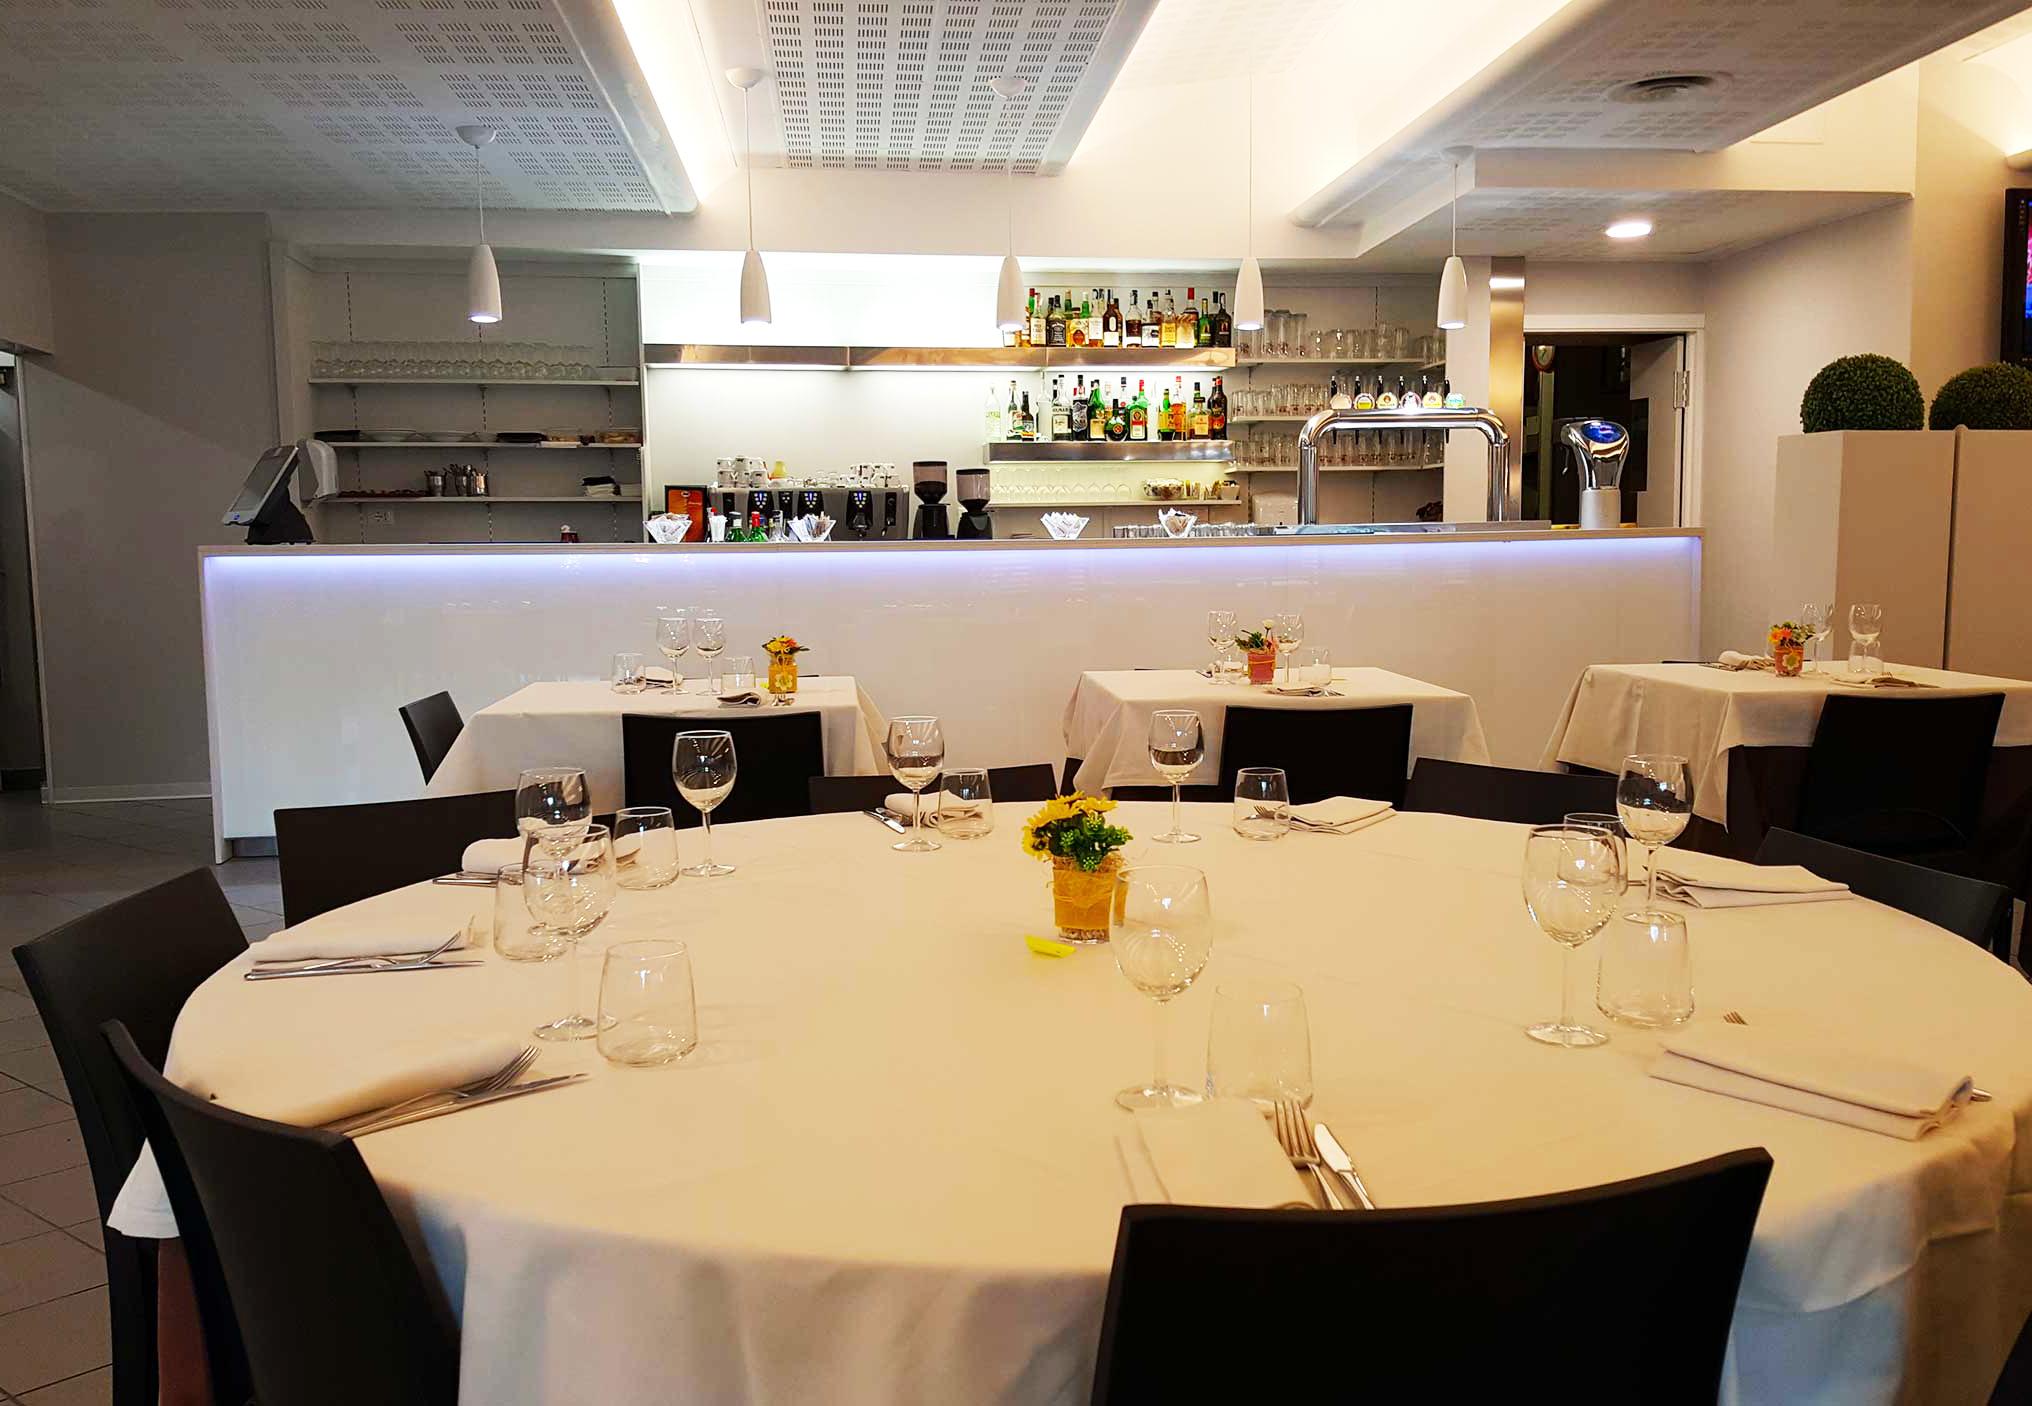 Il pincio ristorante ad ancona si rinnova completamente ristorante pizzeria il pincio home - Ristorante il giardino ancona ...